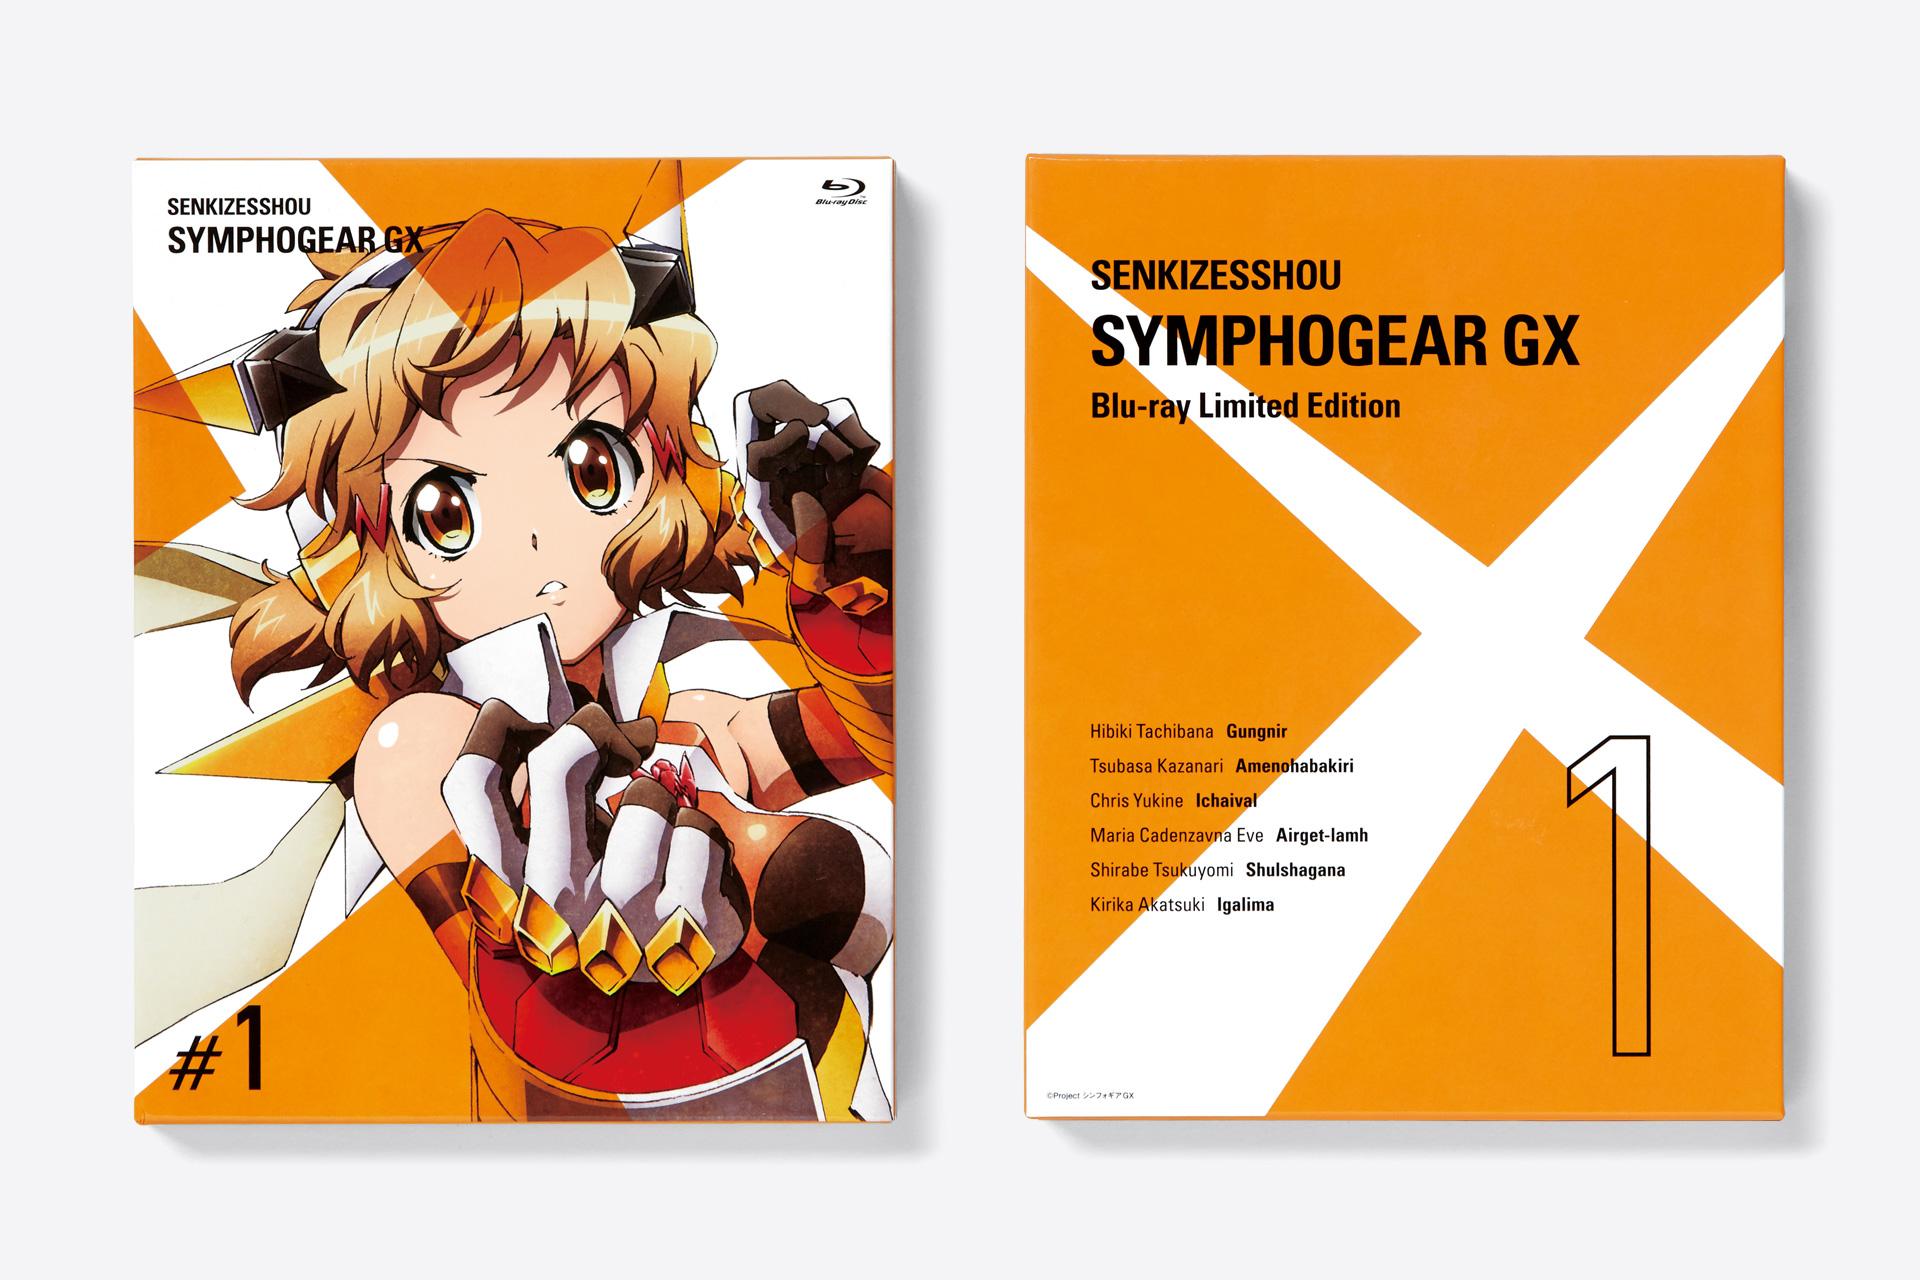 戦姫絶唱シンフォギアGX / Blu-ray